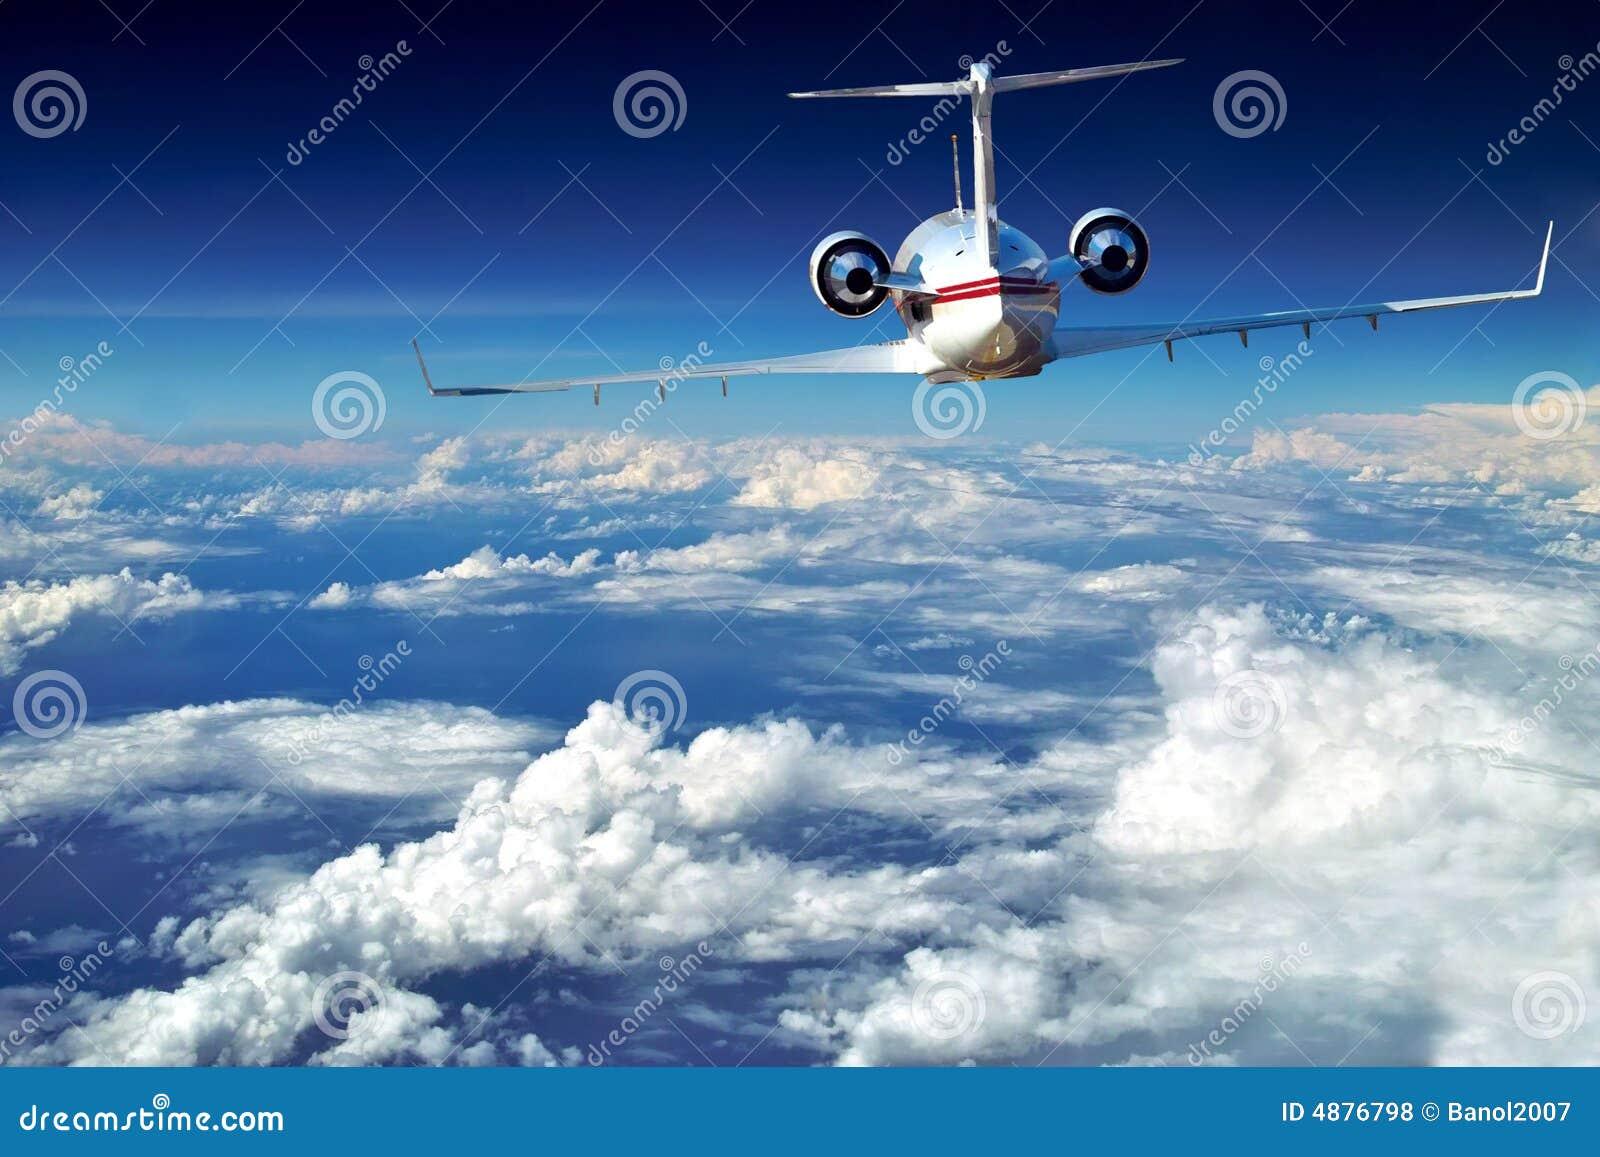 Het vliegtuig van de luxe is boven mooie wolken.